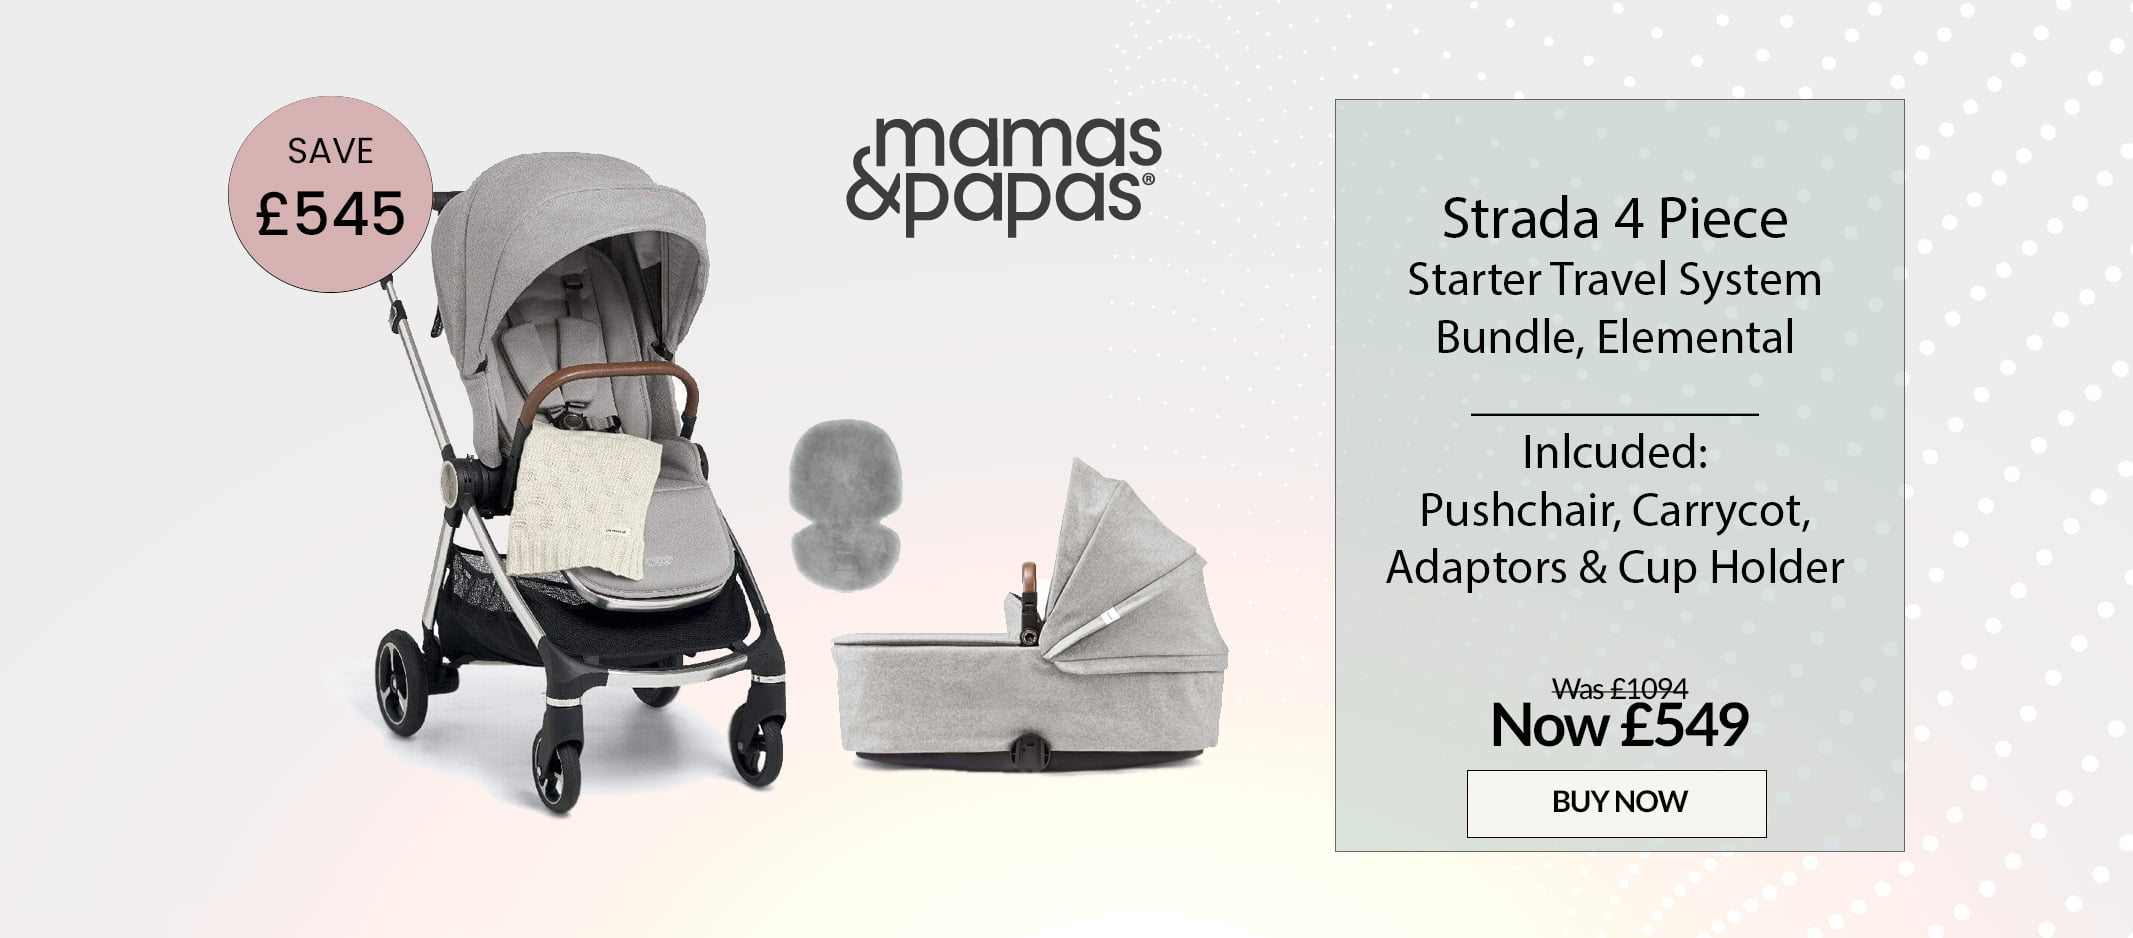 Mamas & Papas Strada 4